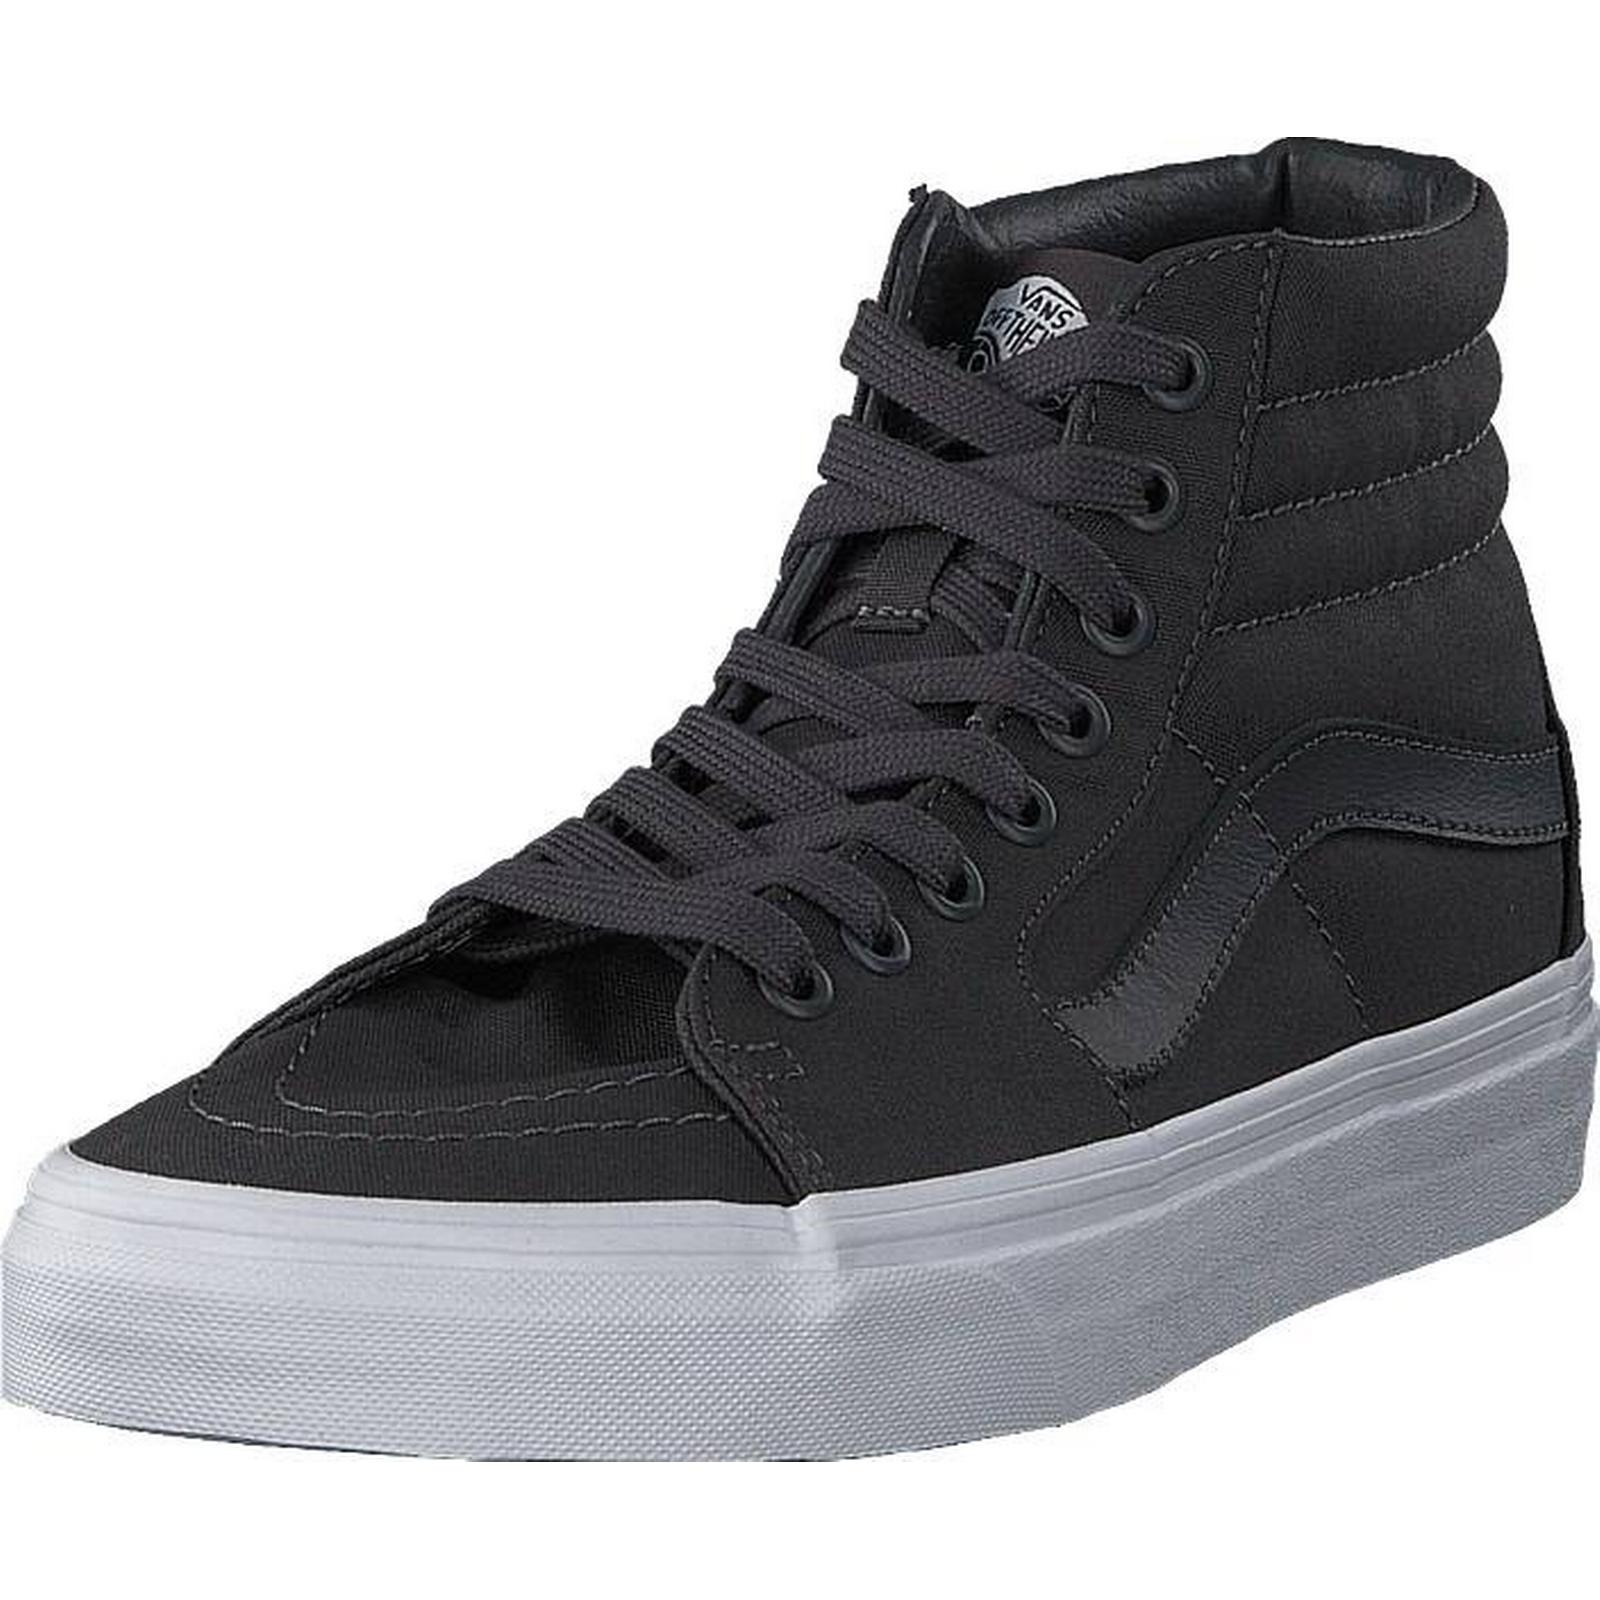 Vans Ua Sk8-hi Mono Canvas Asphalt, Shoes, & Trainers & Shoes, Sport Shoes , High-top Trainers, Grey, Unisex, 39 314dc4